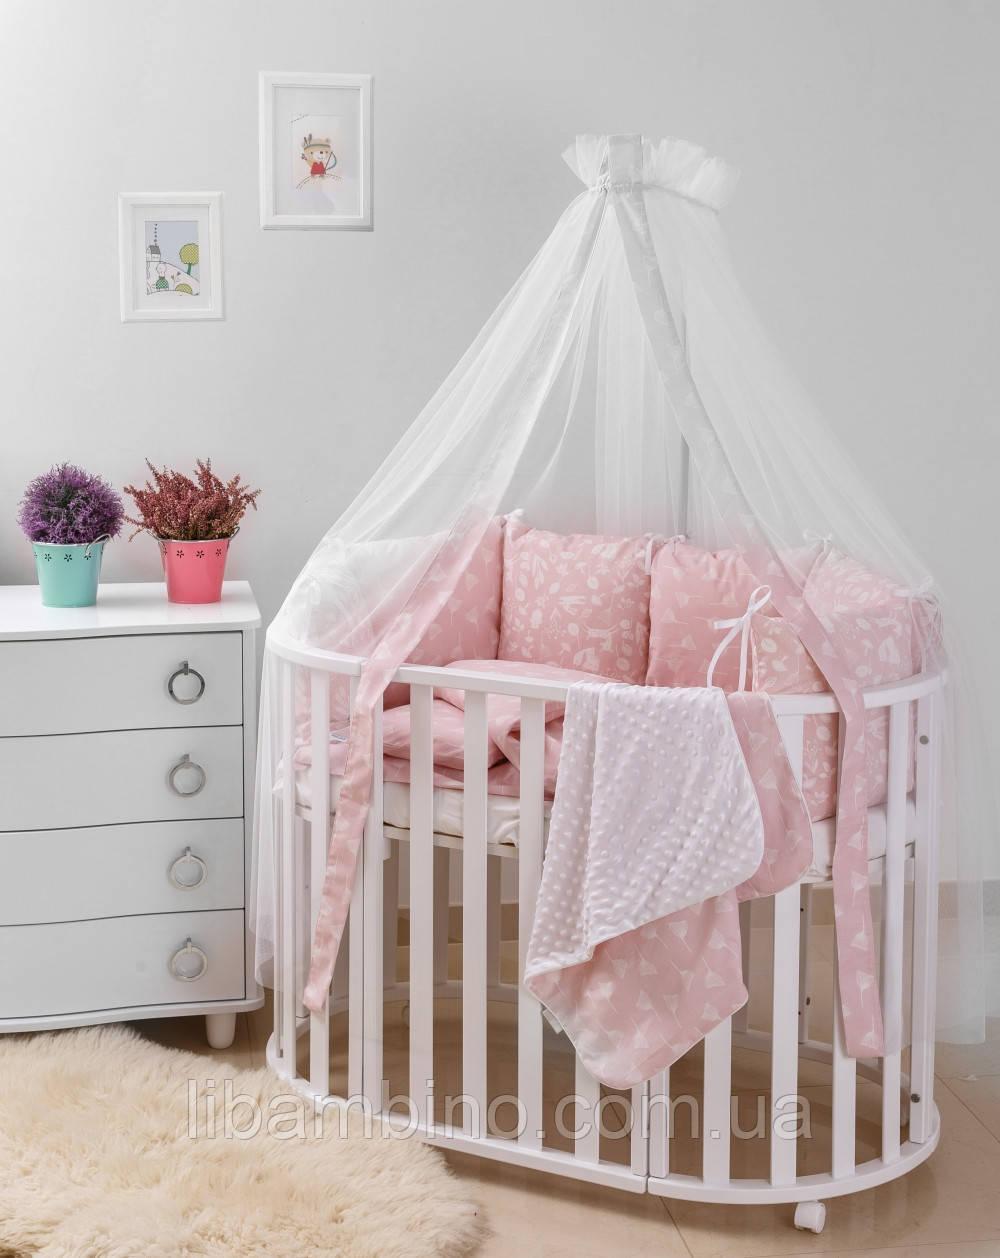 Комплект дитячої постілі Twins Dolce Лісові жителі 8 ел D-013, фото 1